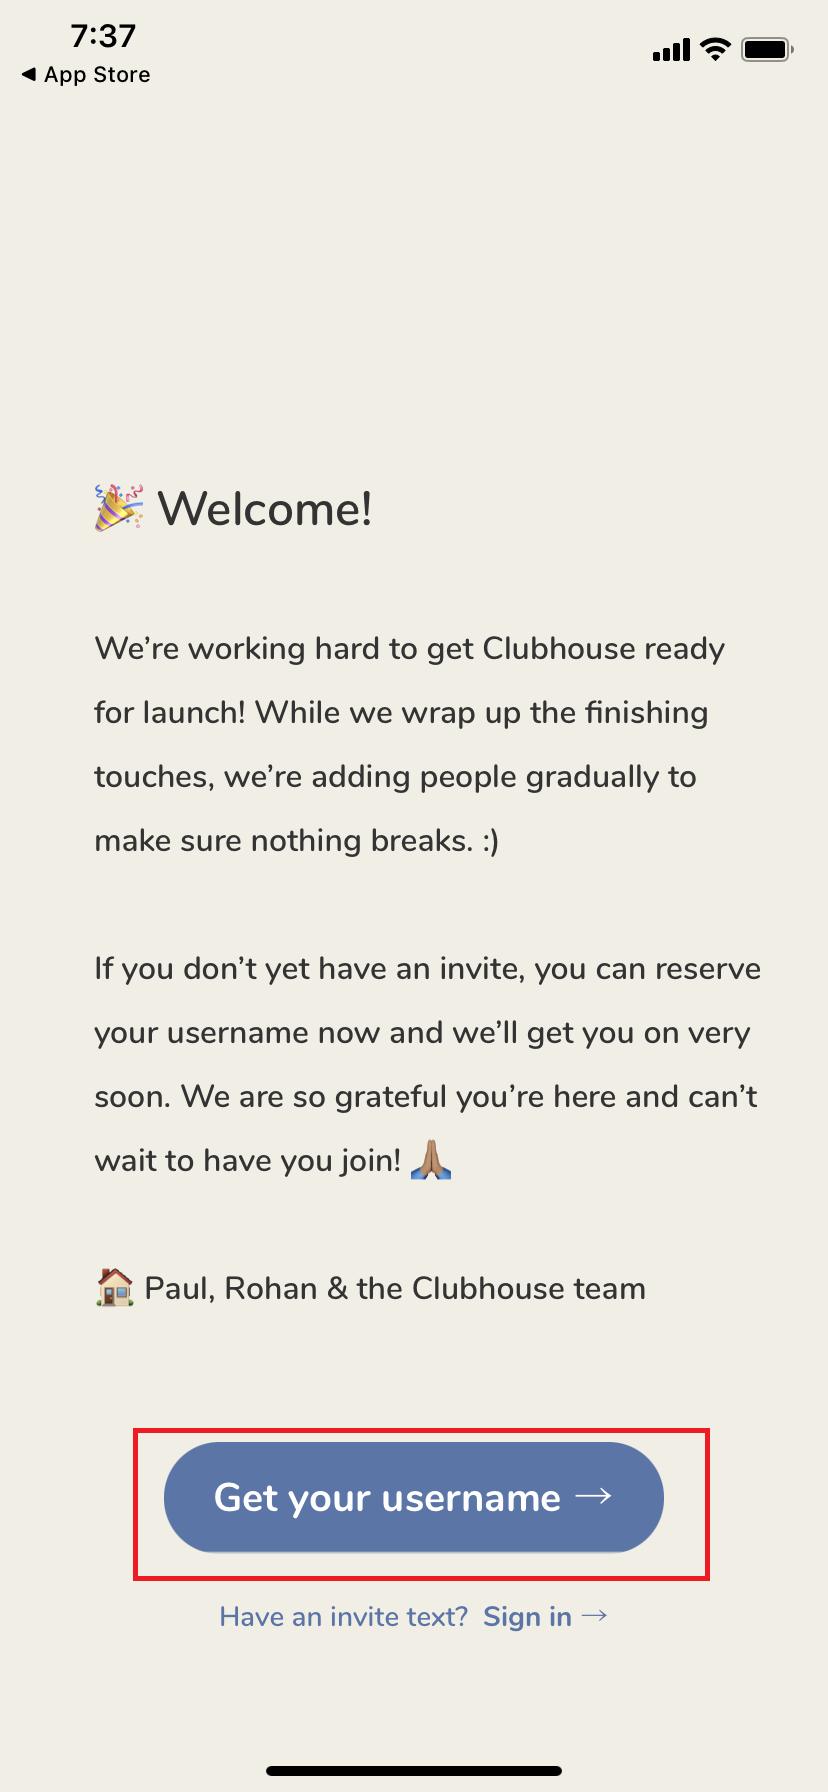 増やし 枠 方 招待 clubhouse